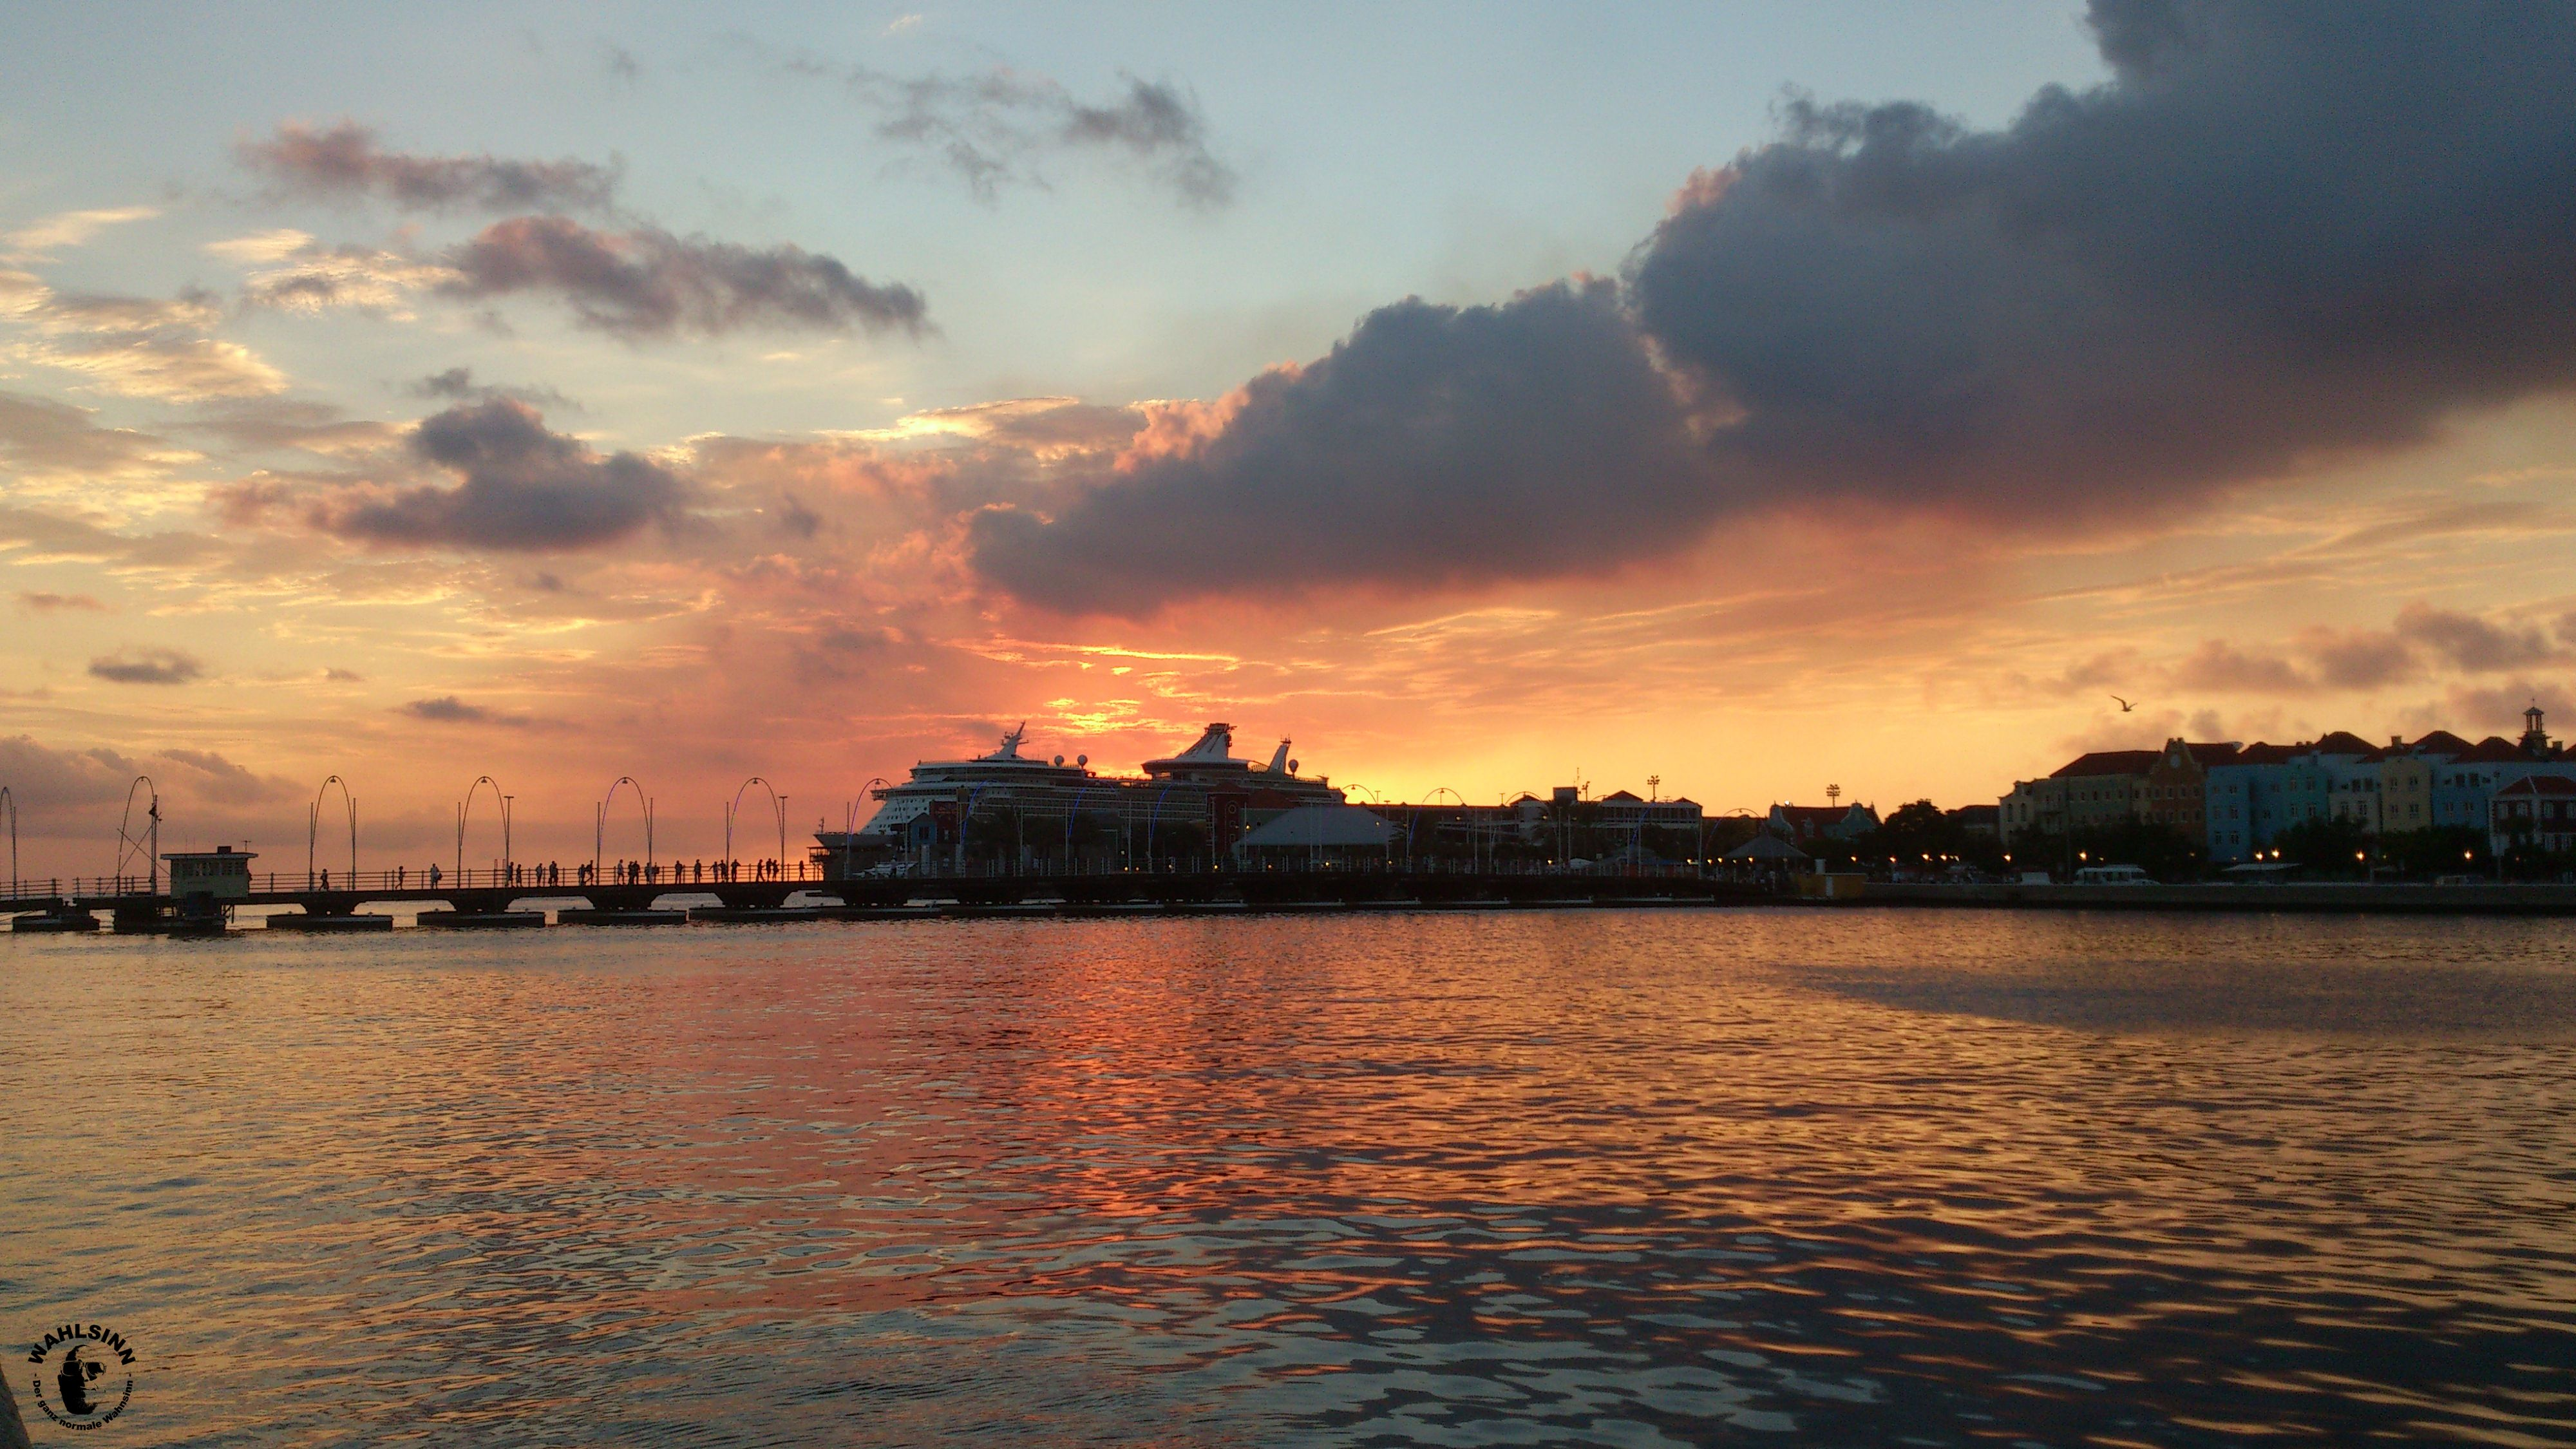 Curacao - Dieser Sonnenuntergang ist keine seltenheit auf Curacao. Wunderschön!